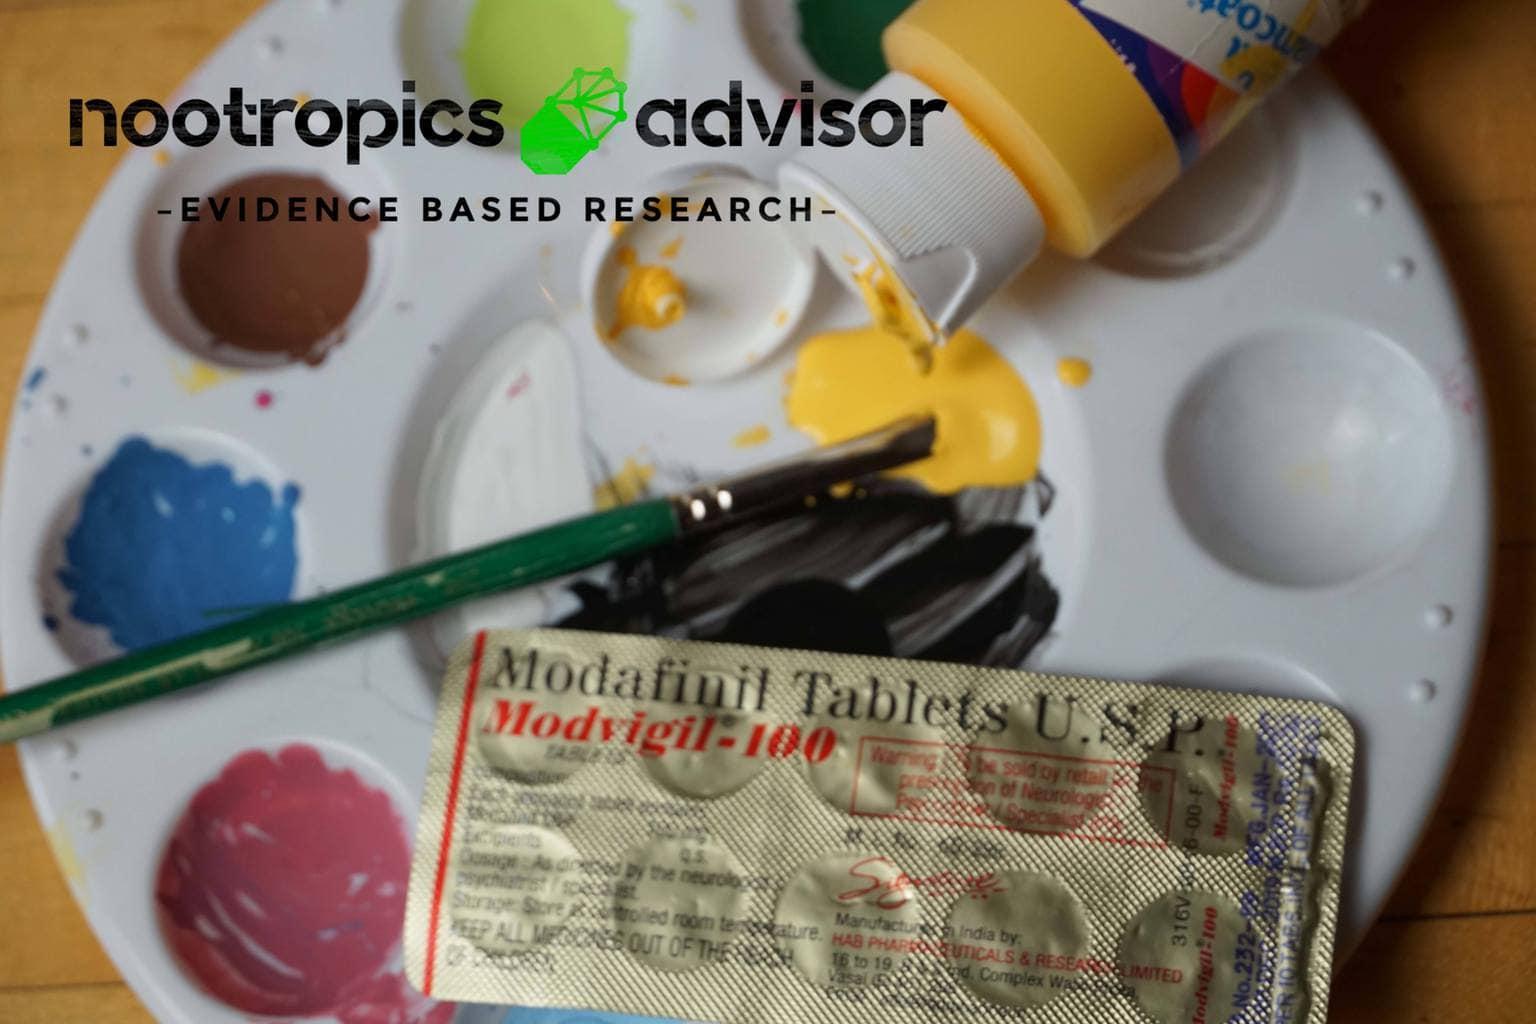 Modvigil Nootropics